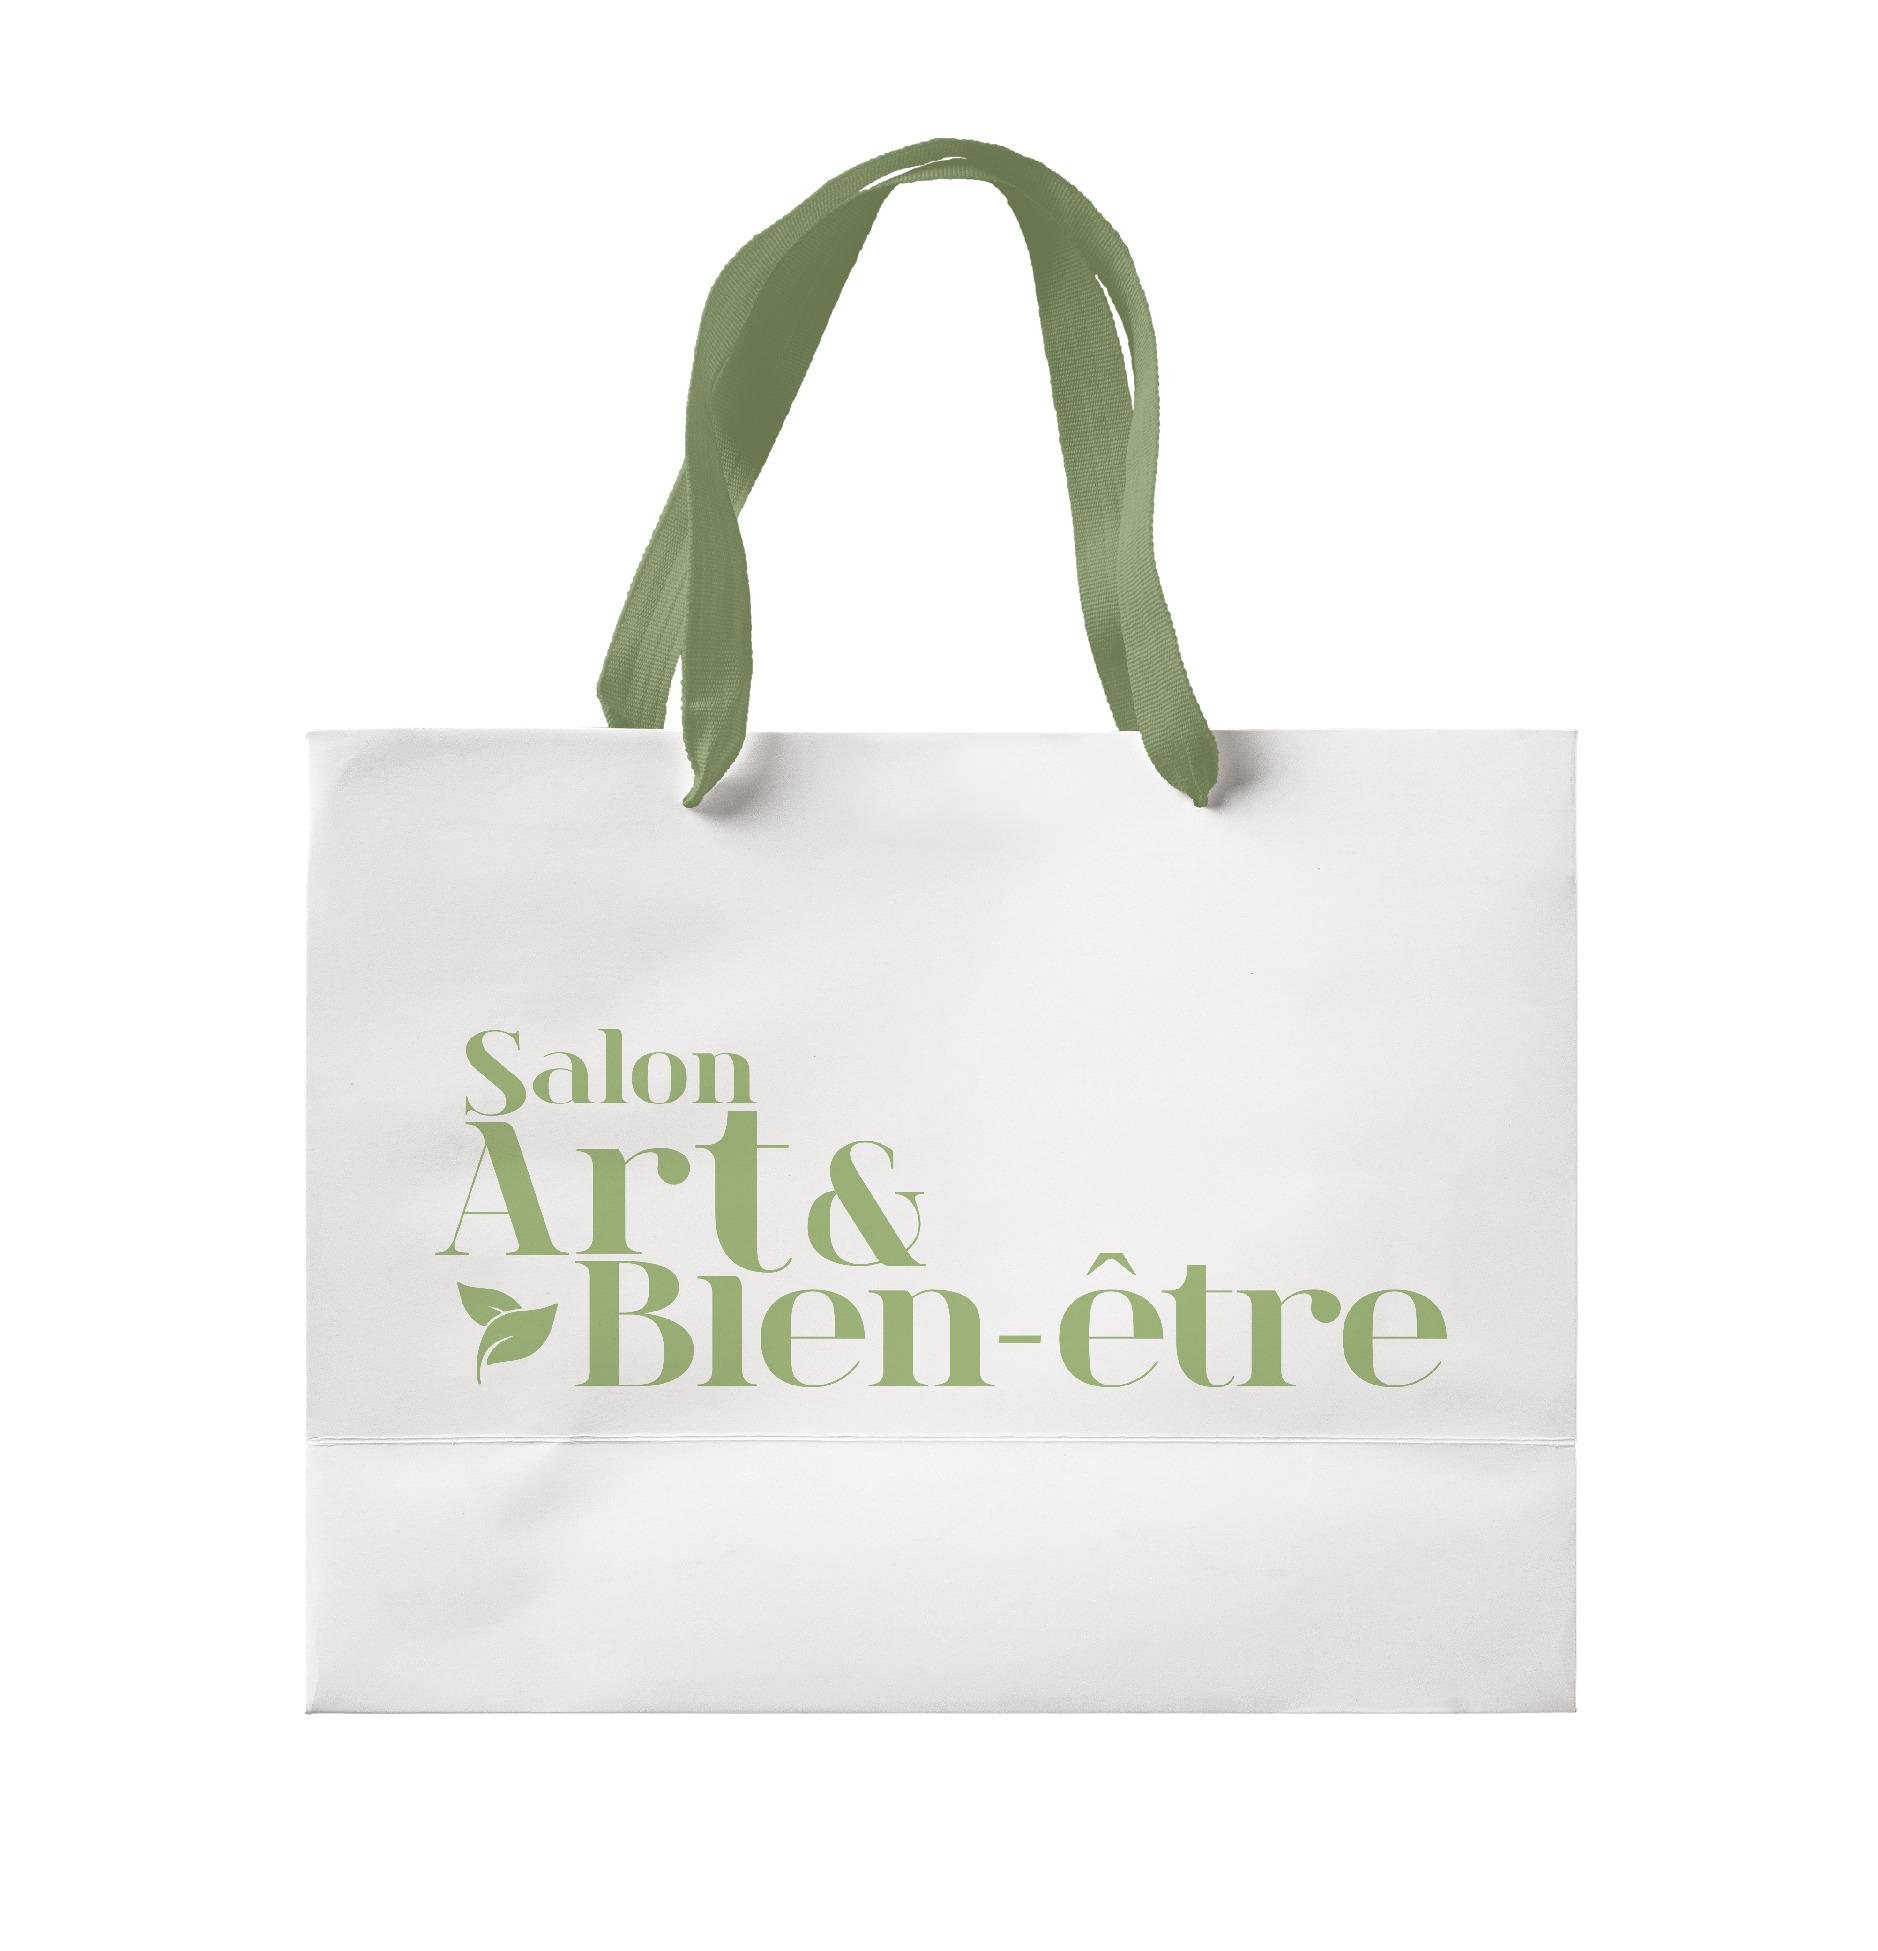 Salon Art&Bien-être